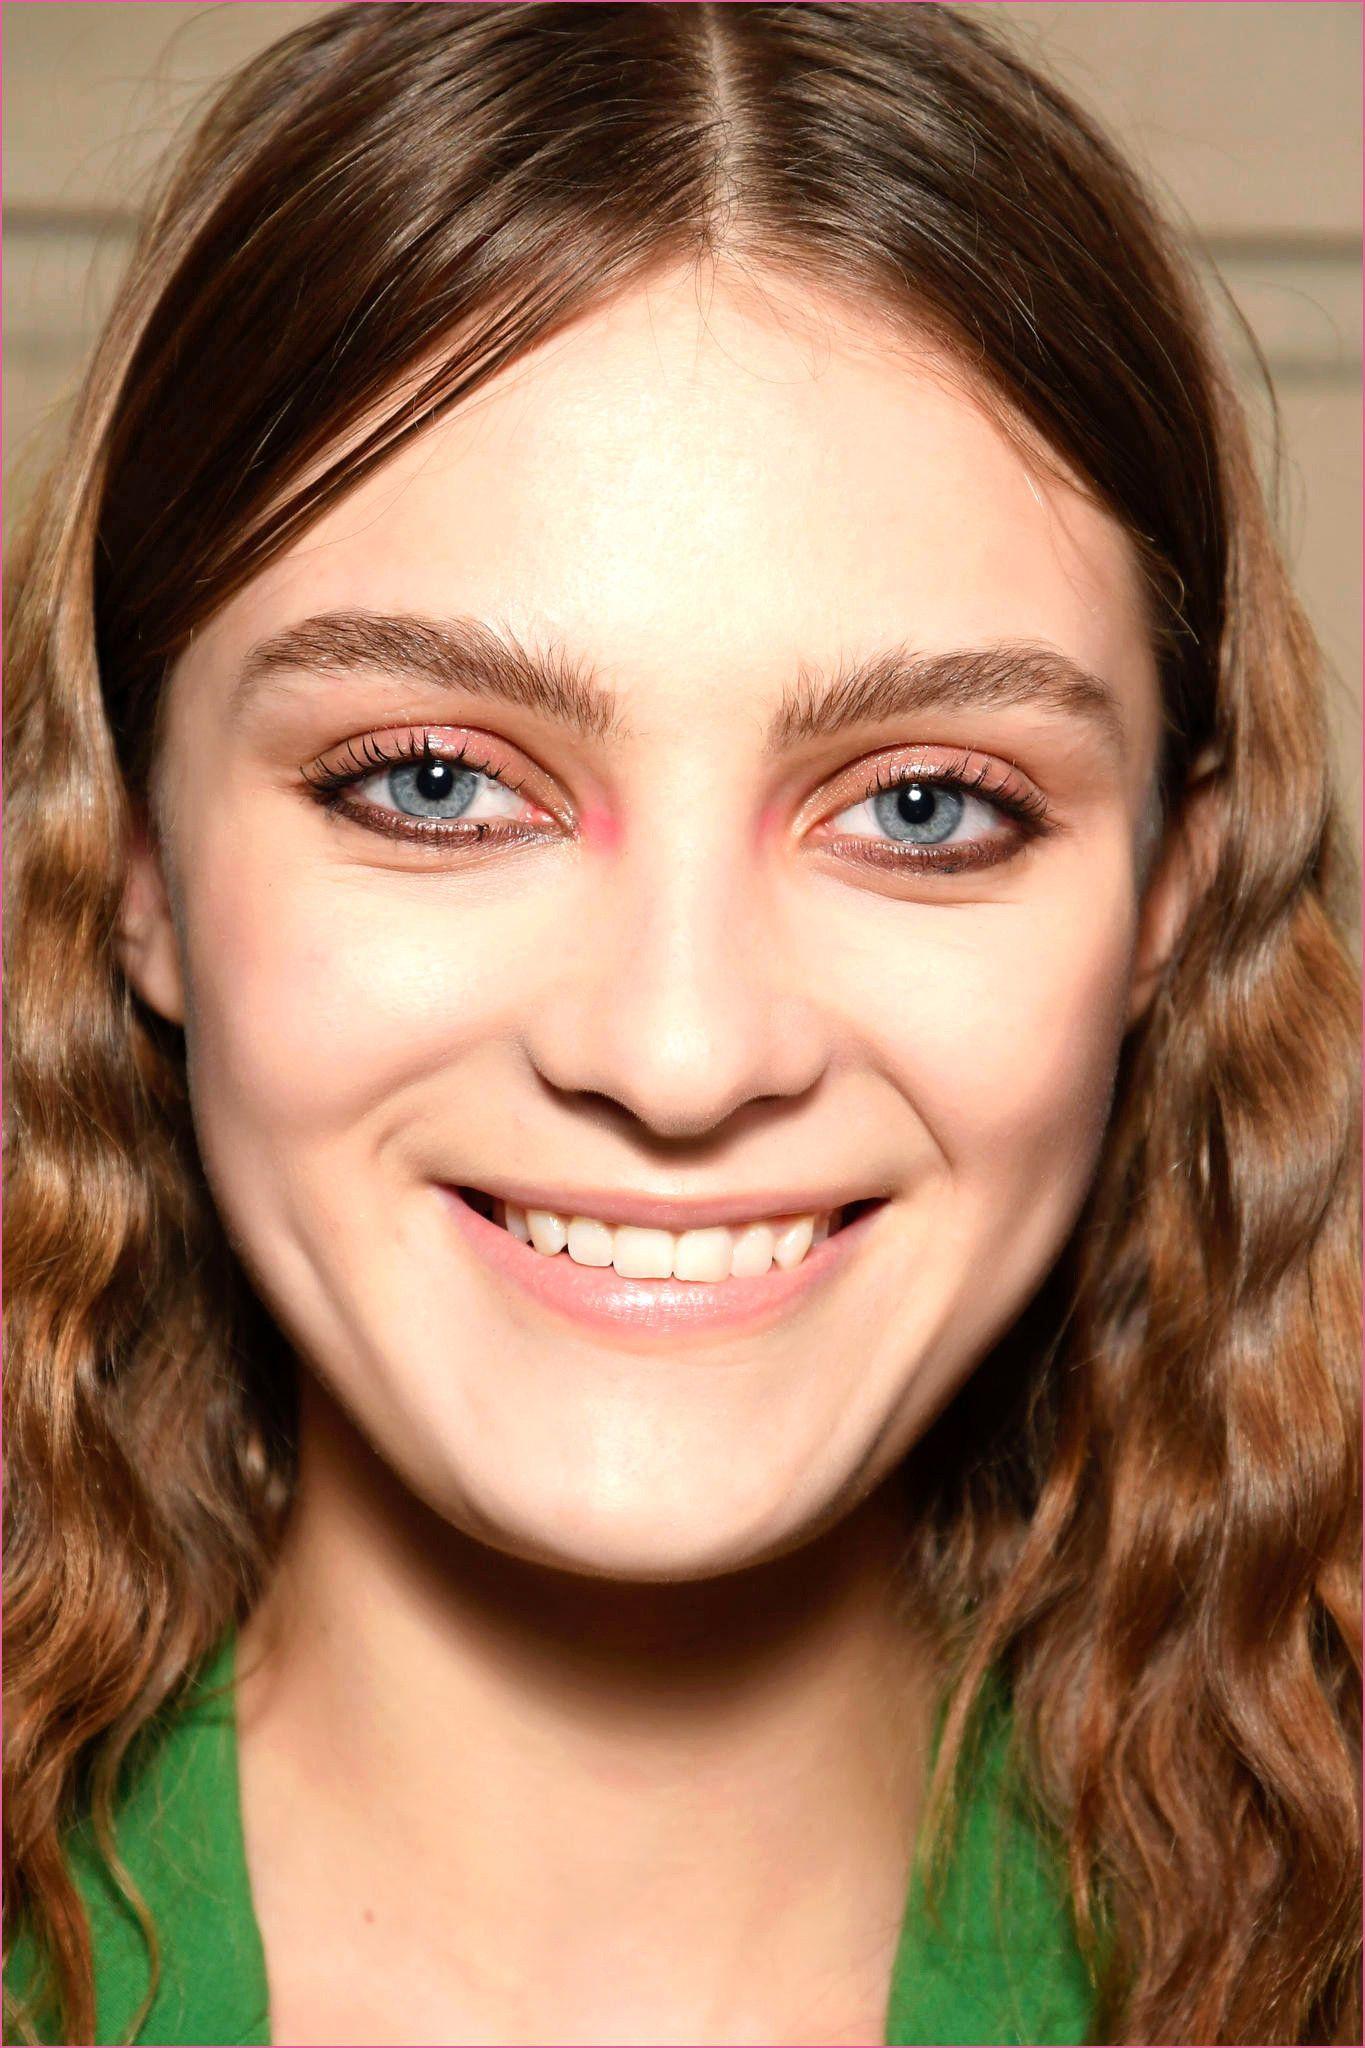 Frisuren Halblang Feines Haar Rundes Gesicht In 2020 Kurzhaarfrisuren Rundes Gesicht Frisuren Ovales Gesicht Frisuren Eckiges Gesicht